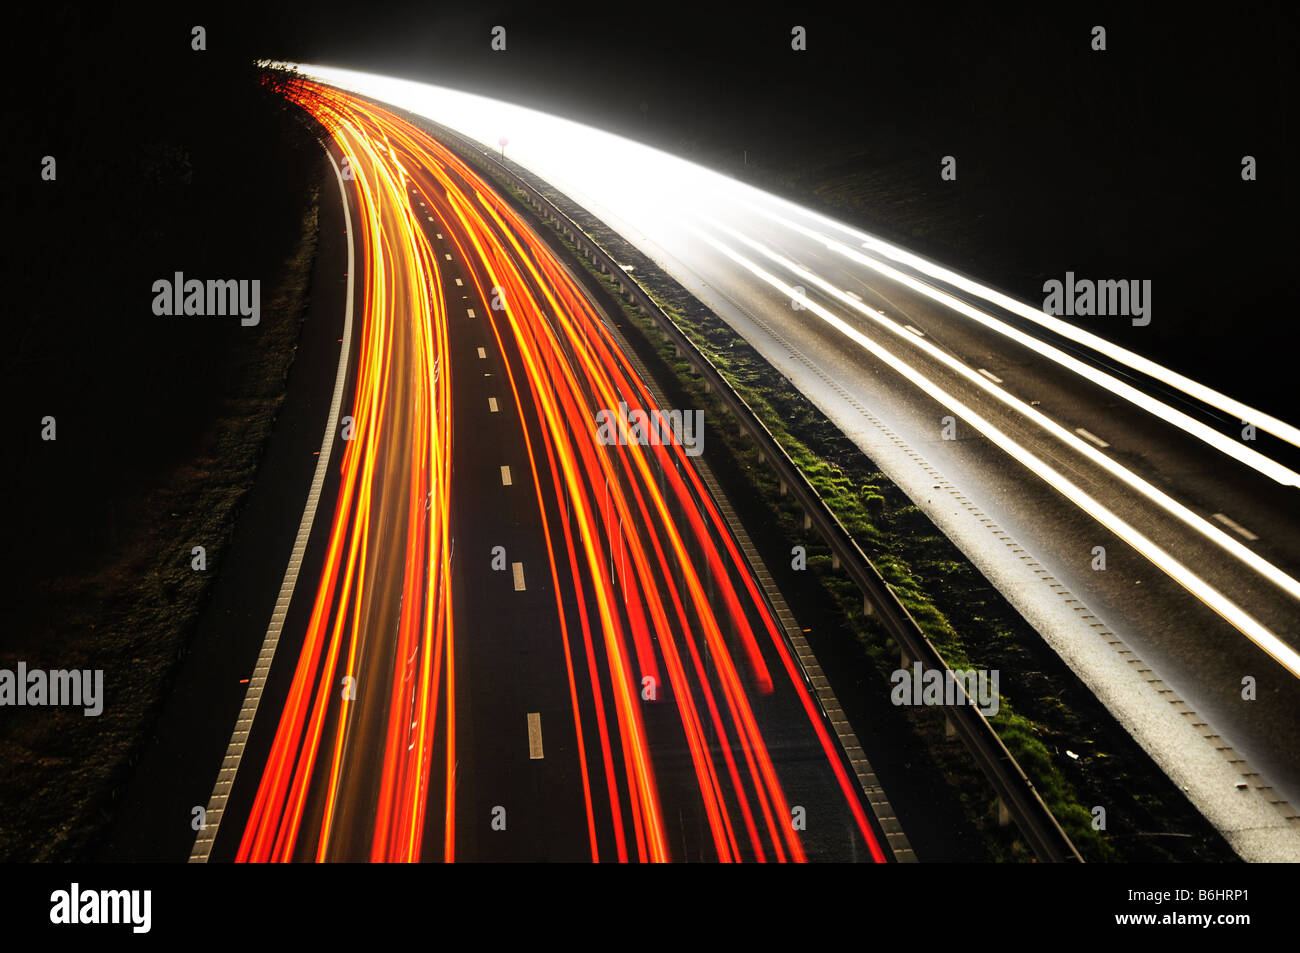 Lange Verkehr Rückleuchten 'Belichtung' bei Nacht Stockbild